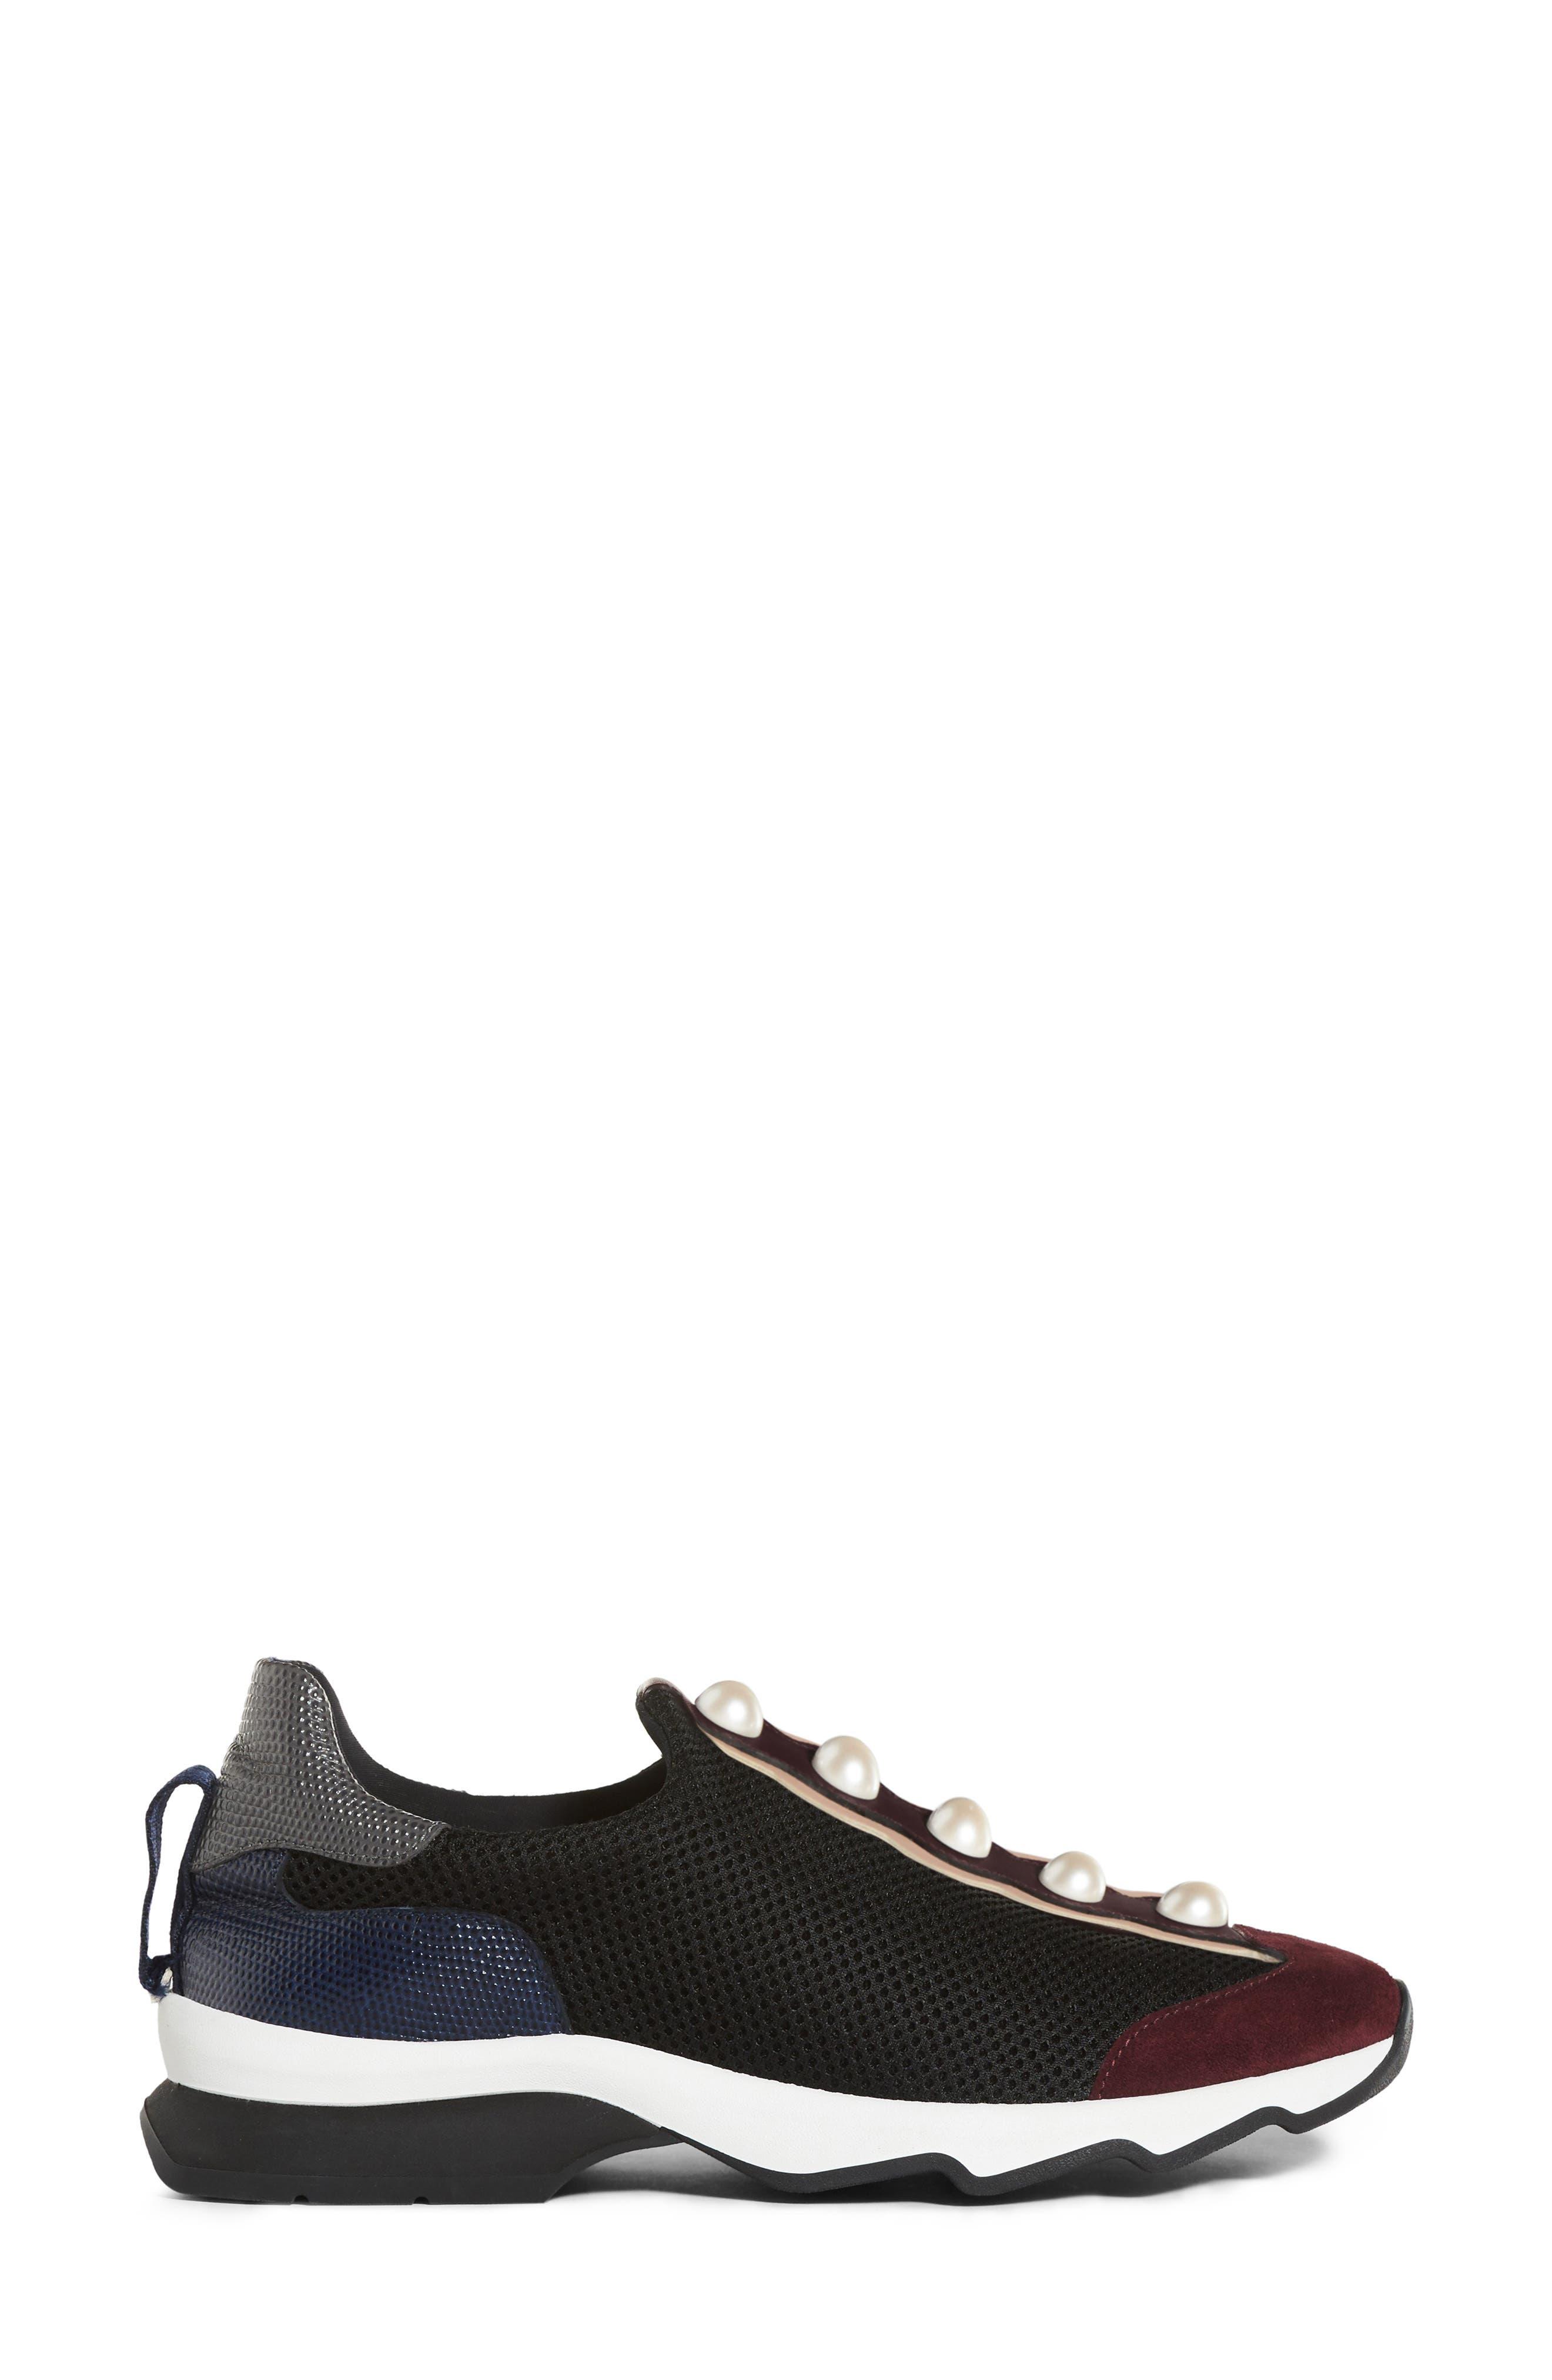 Alternate Image 3  - Fendi Pearland Slip-On Sneaker (Women)